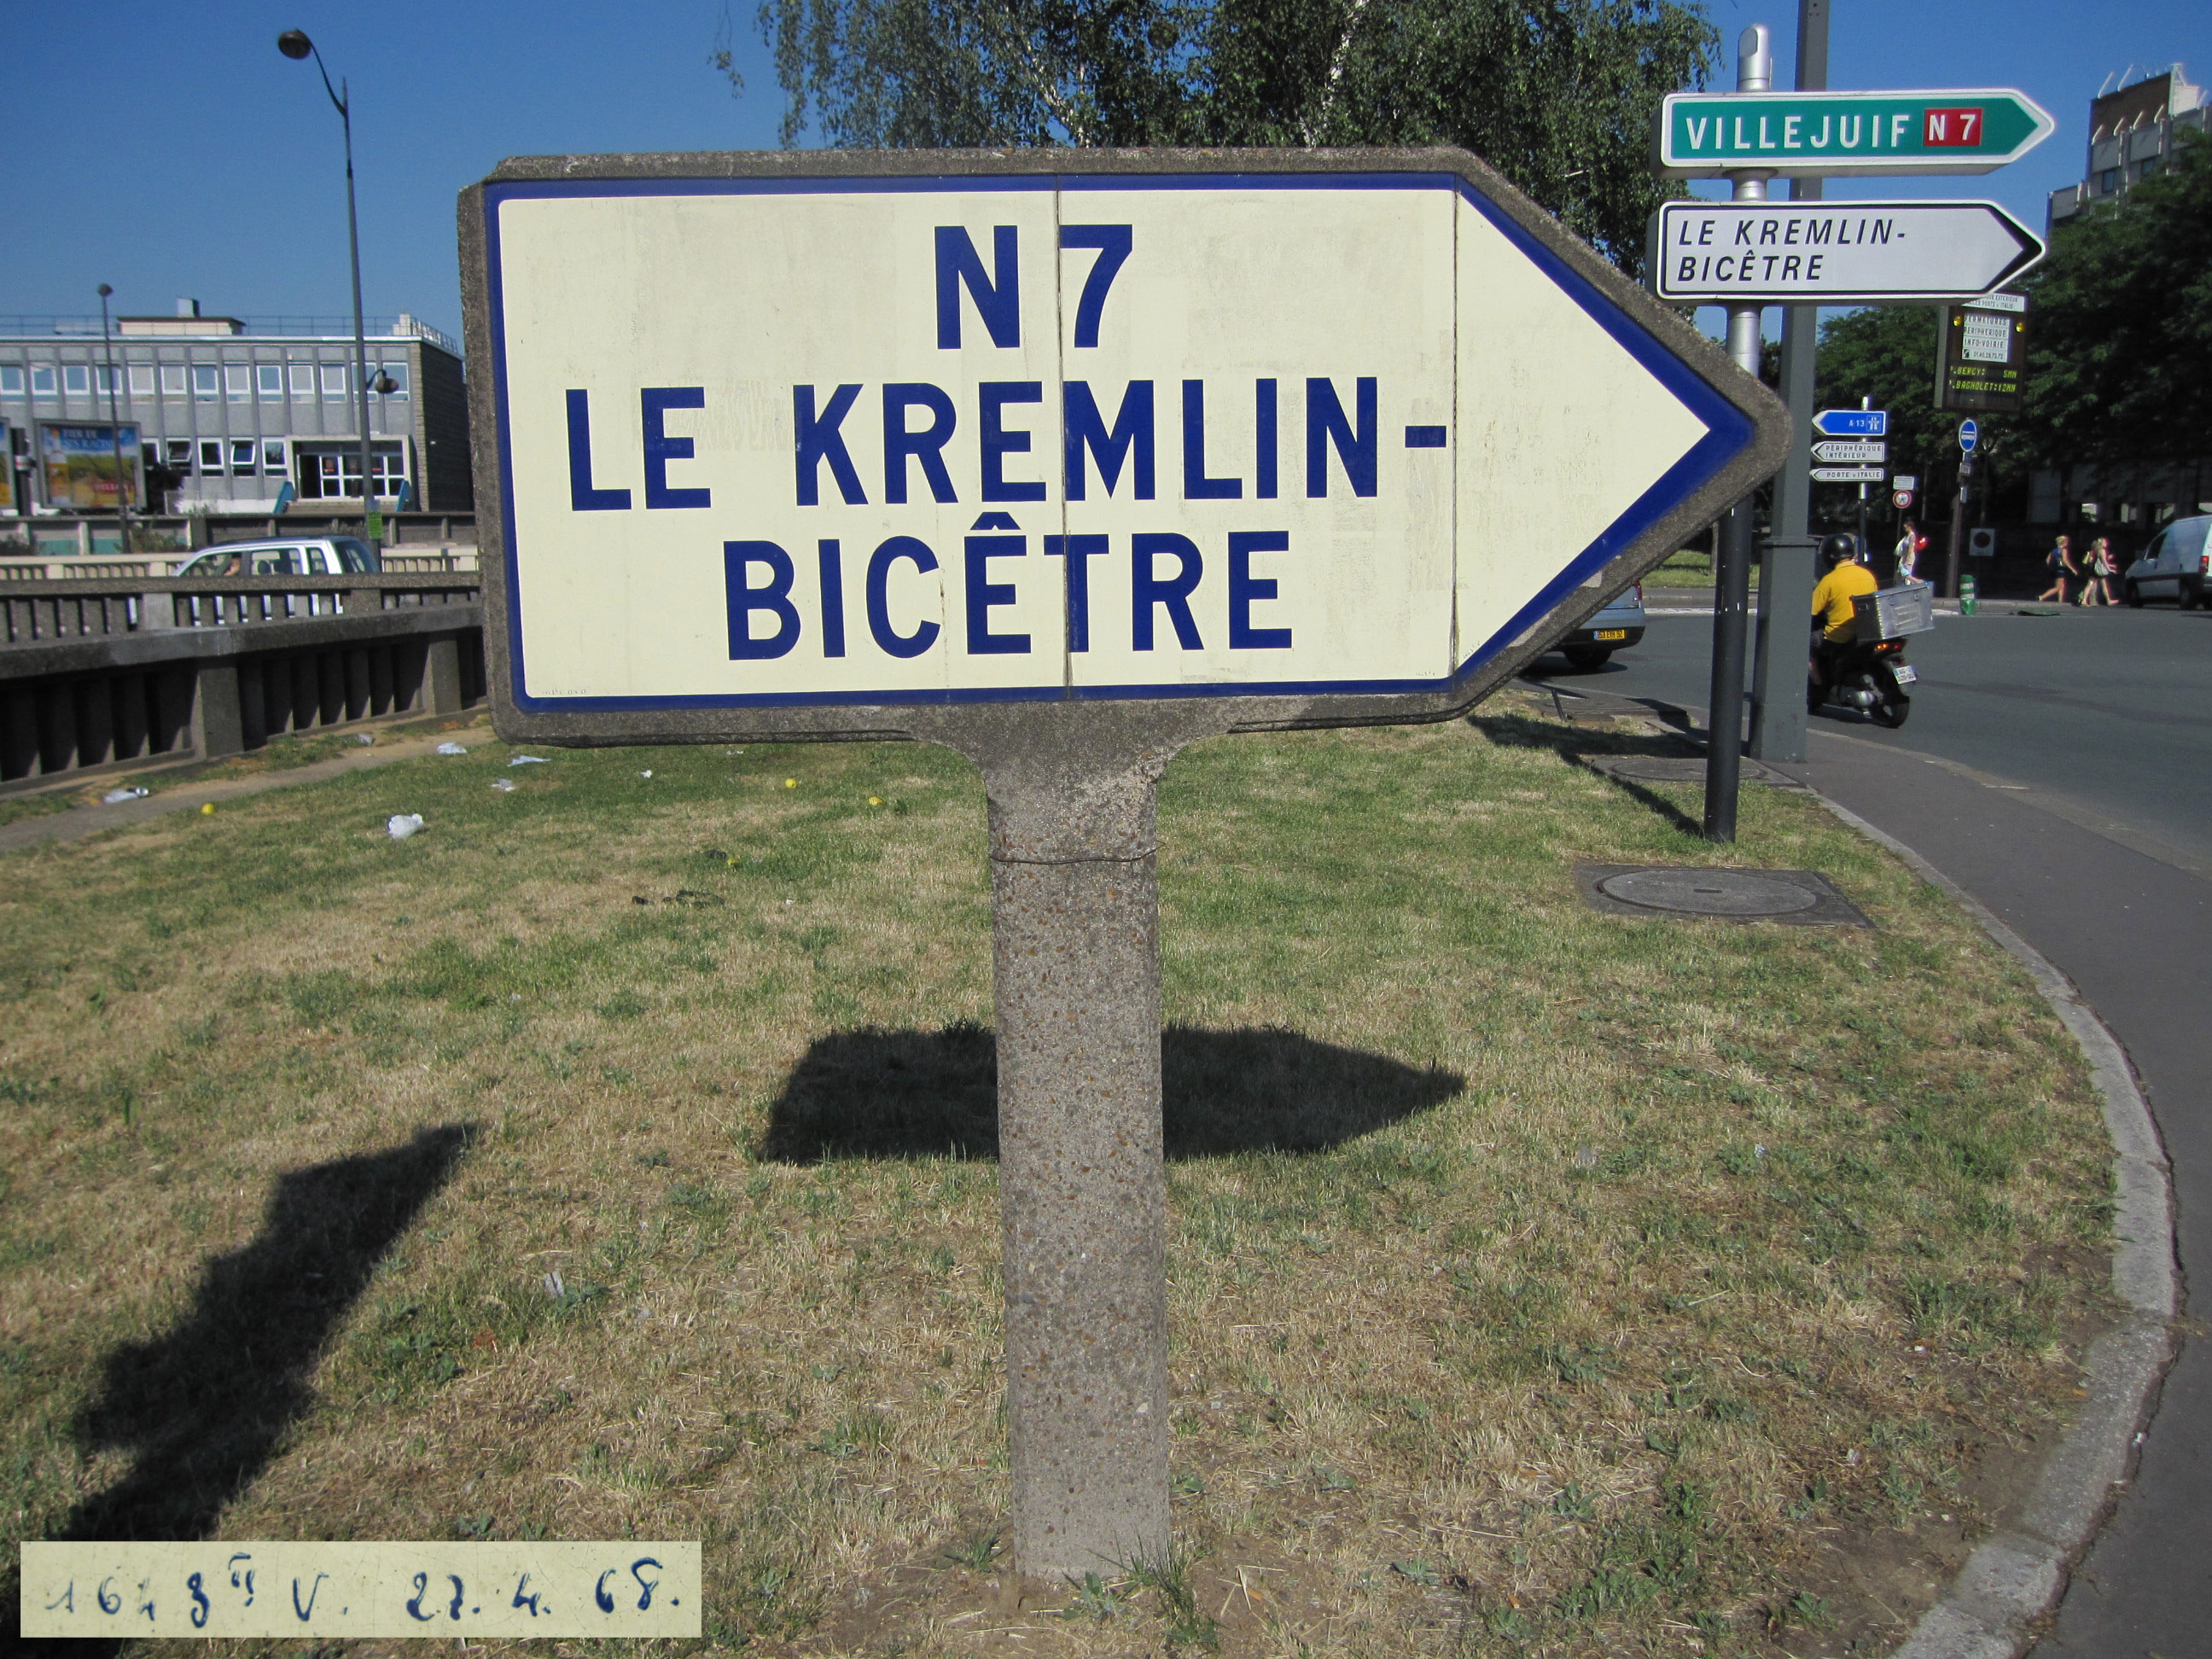 Route nationale fran aise 7 wikisara - 13 avenue de la porte d italie ...